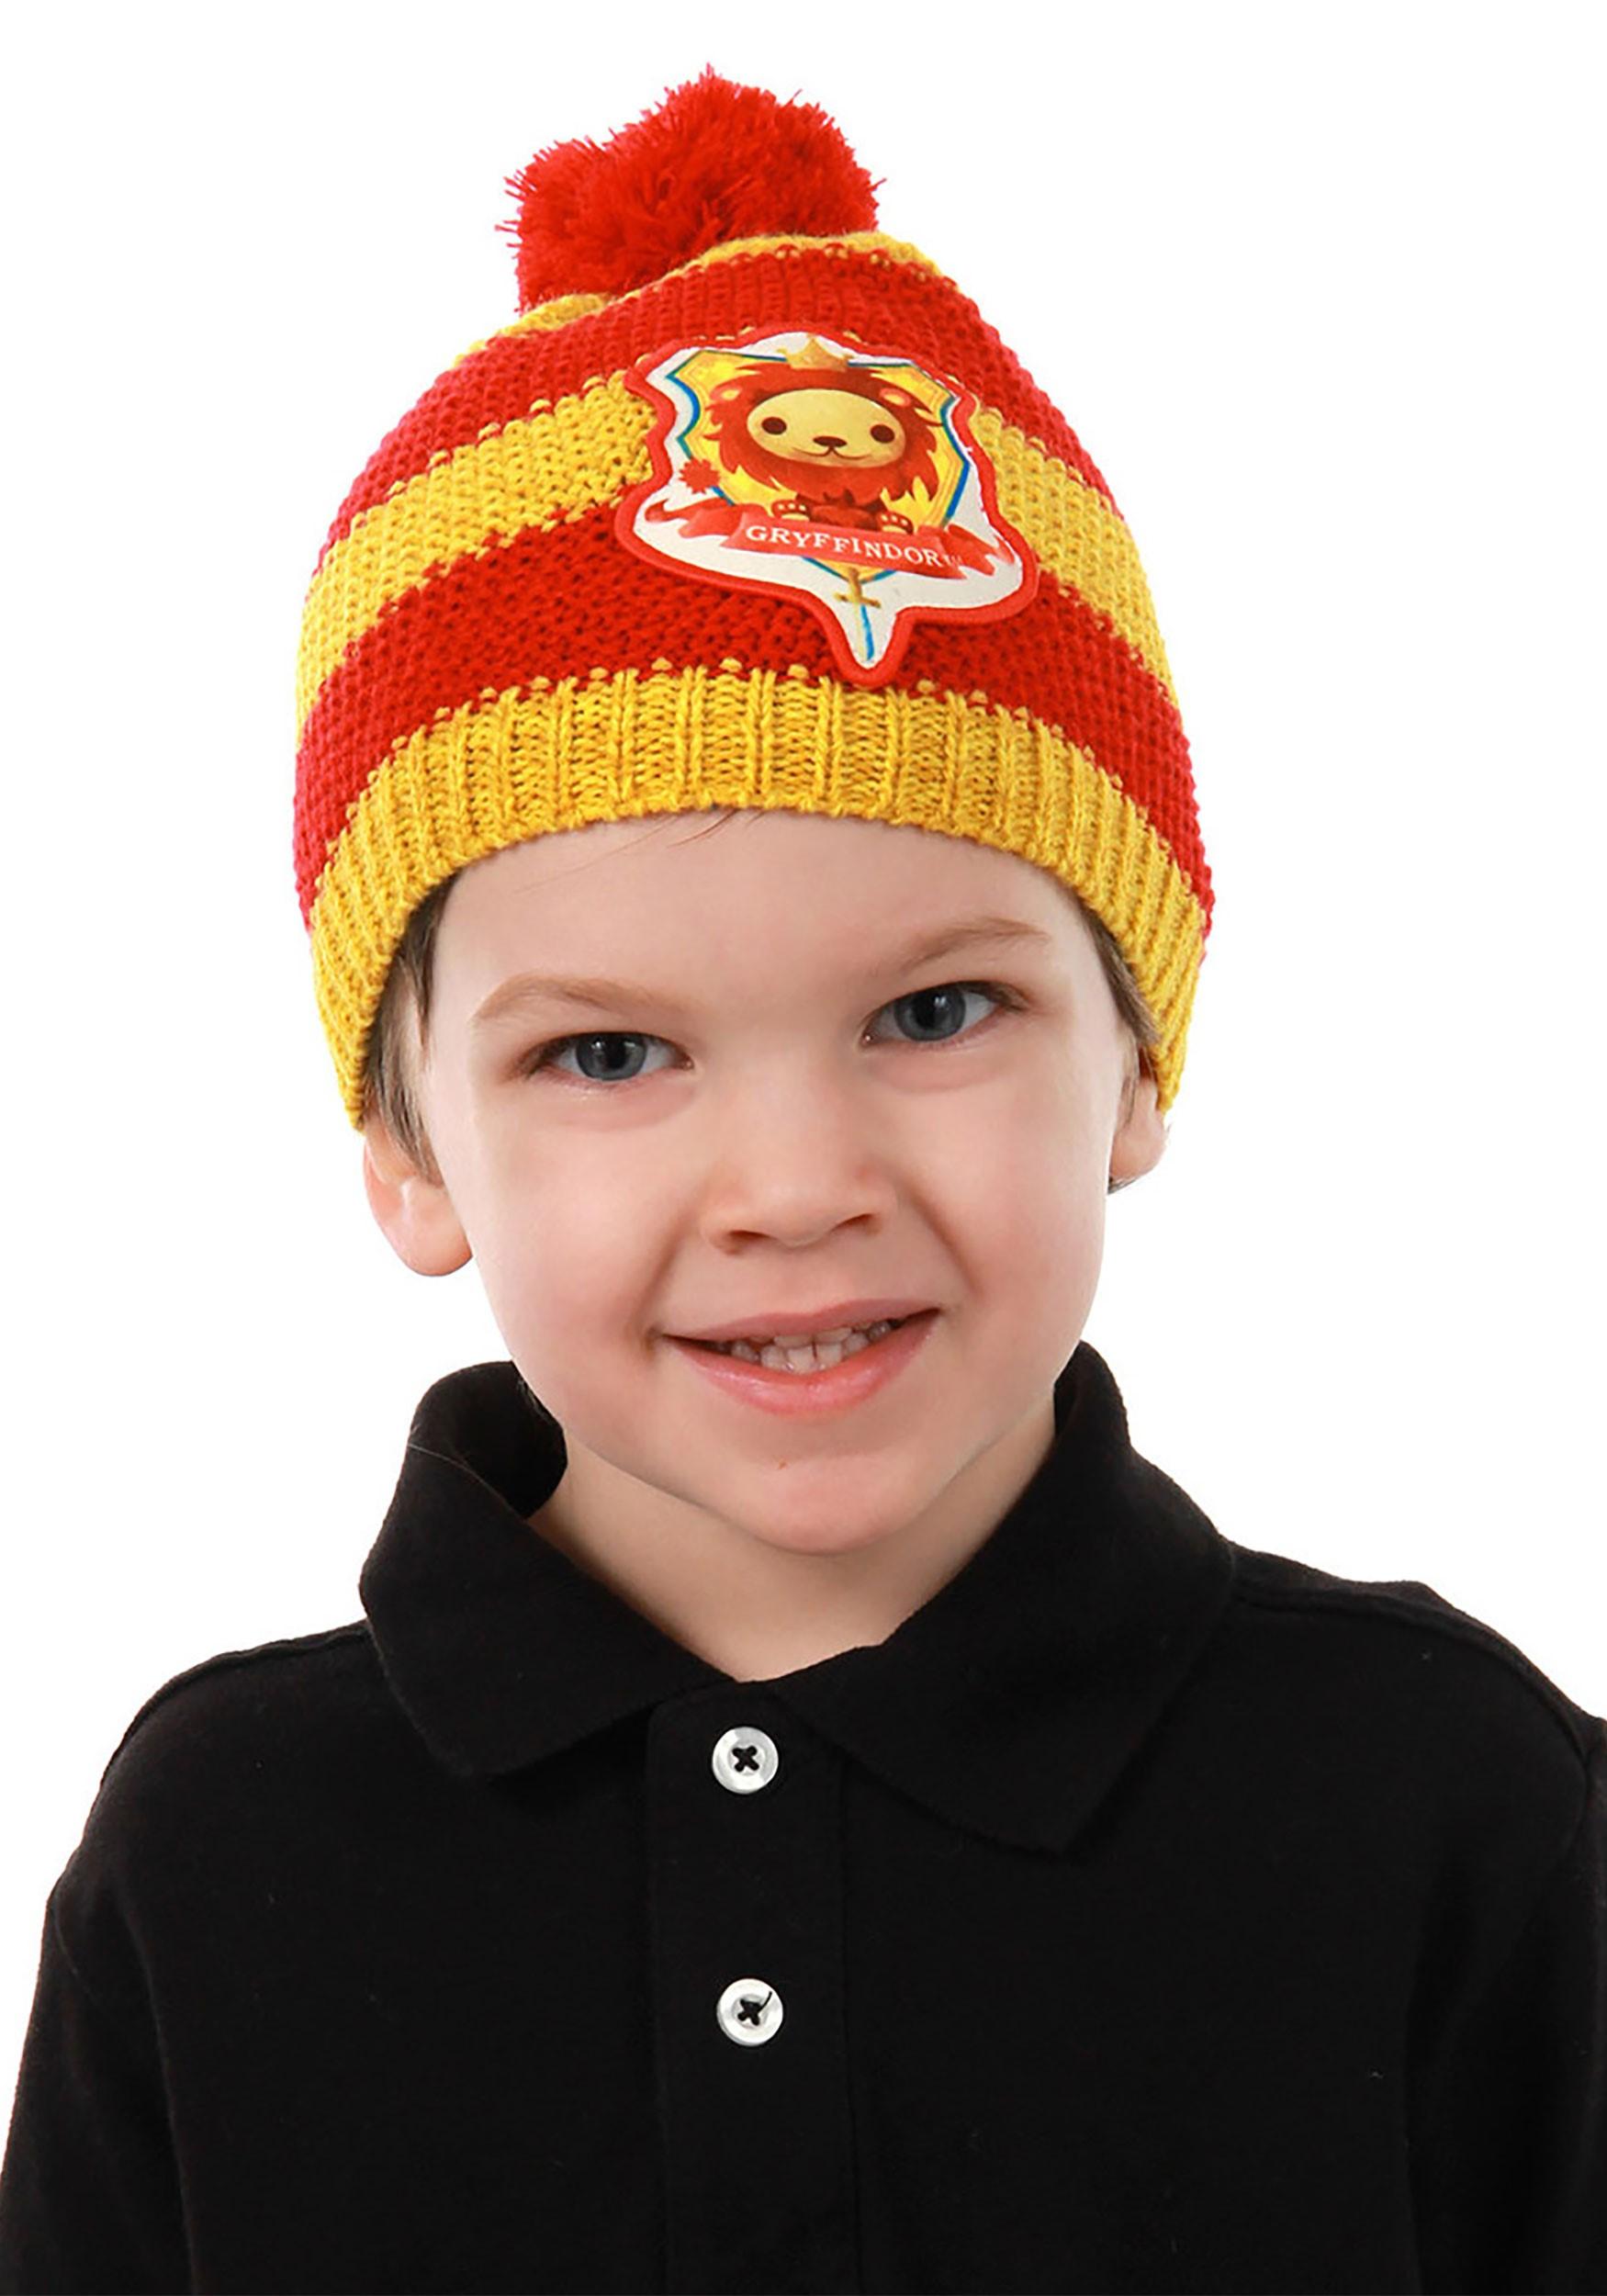 Toddler Gryffindor Knit Pom Beanie